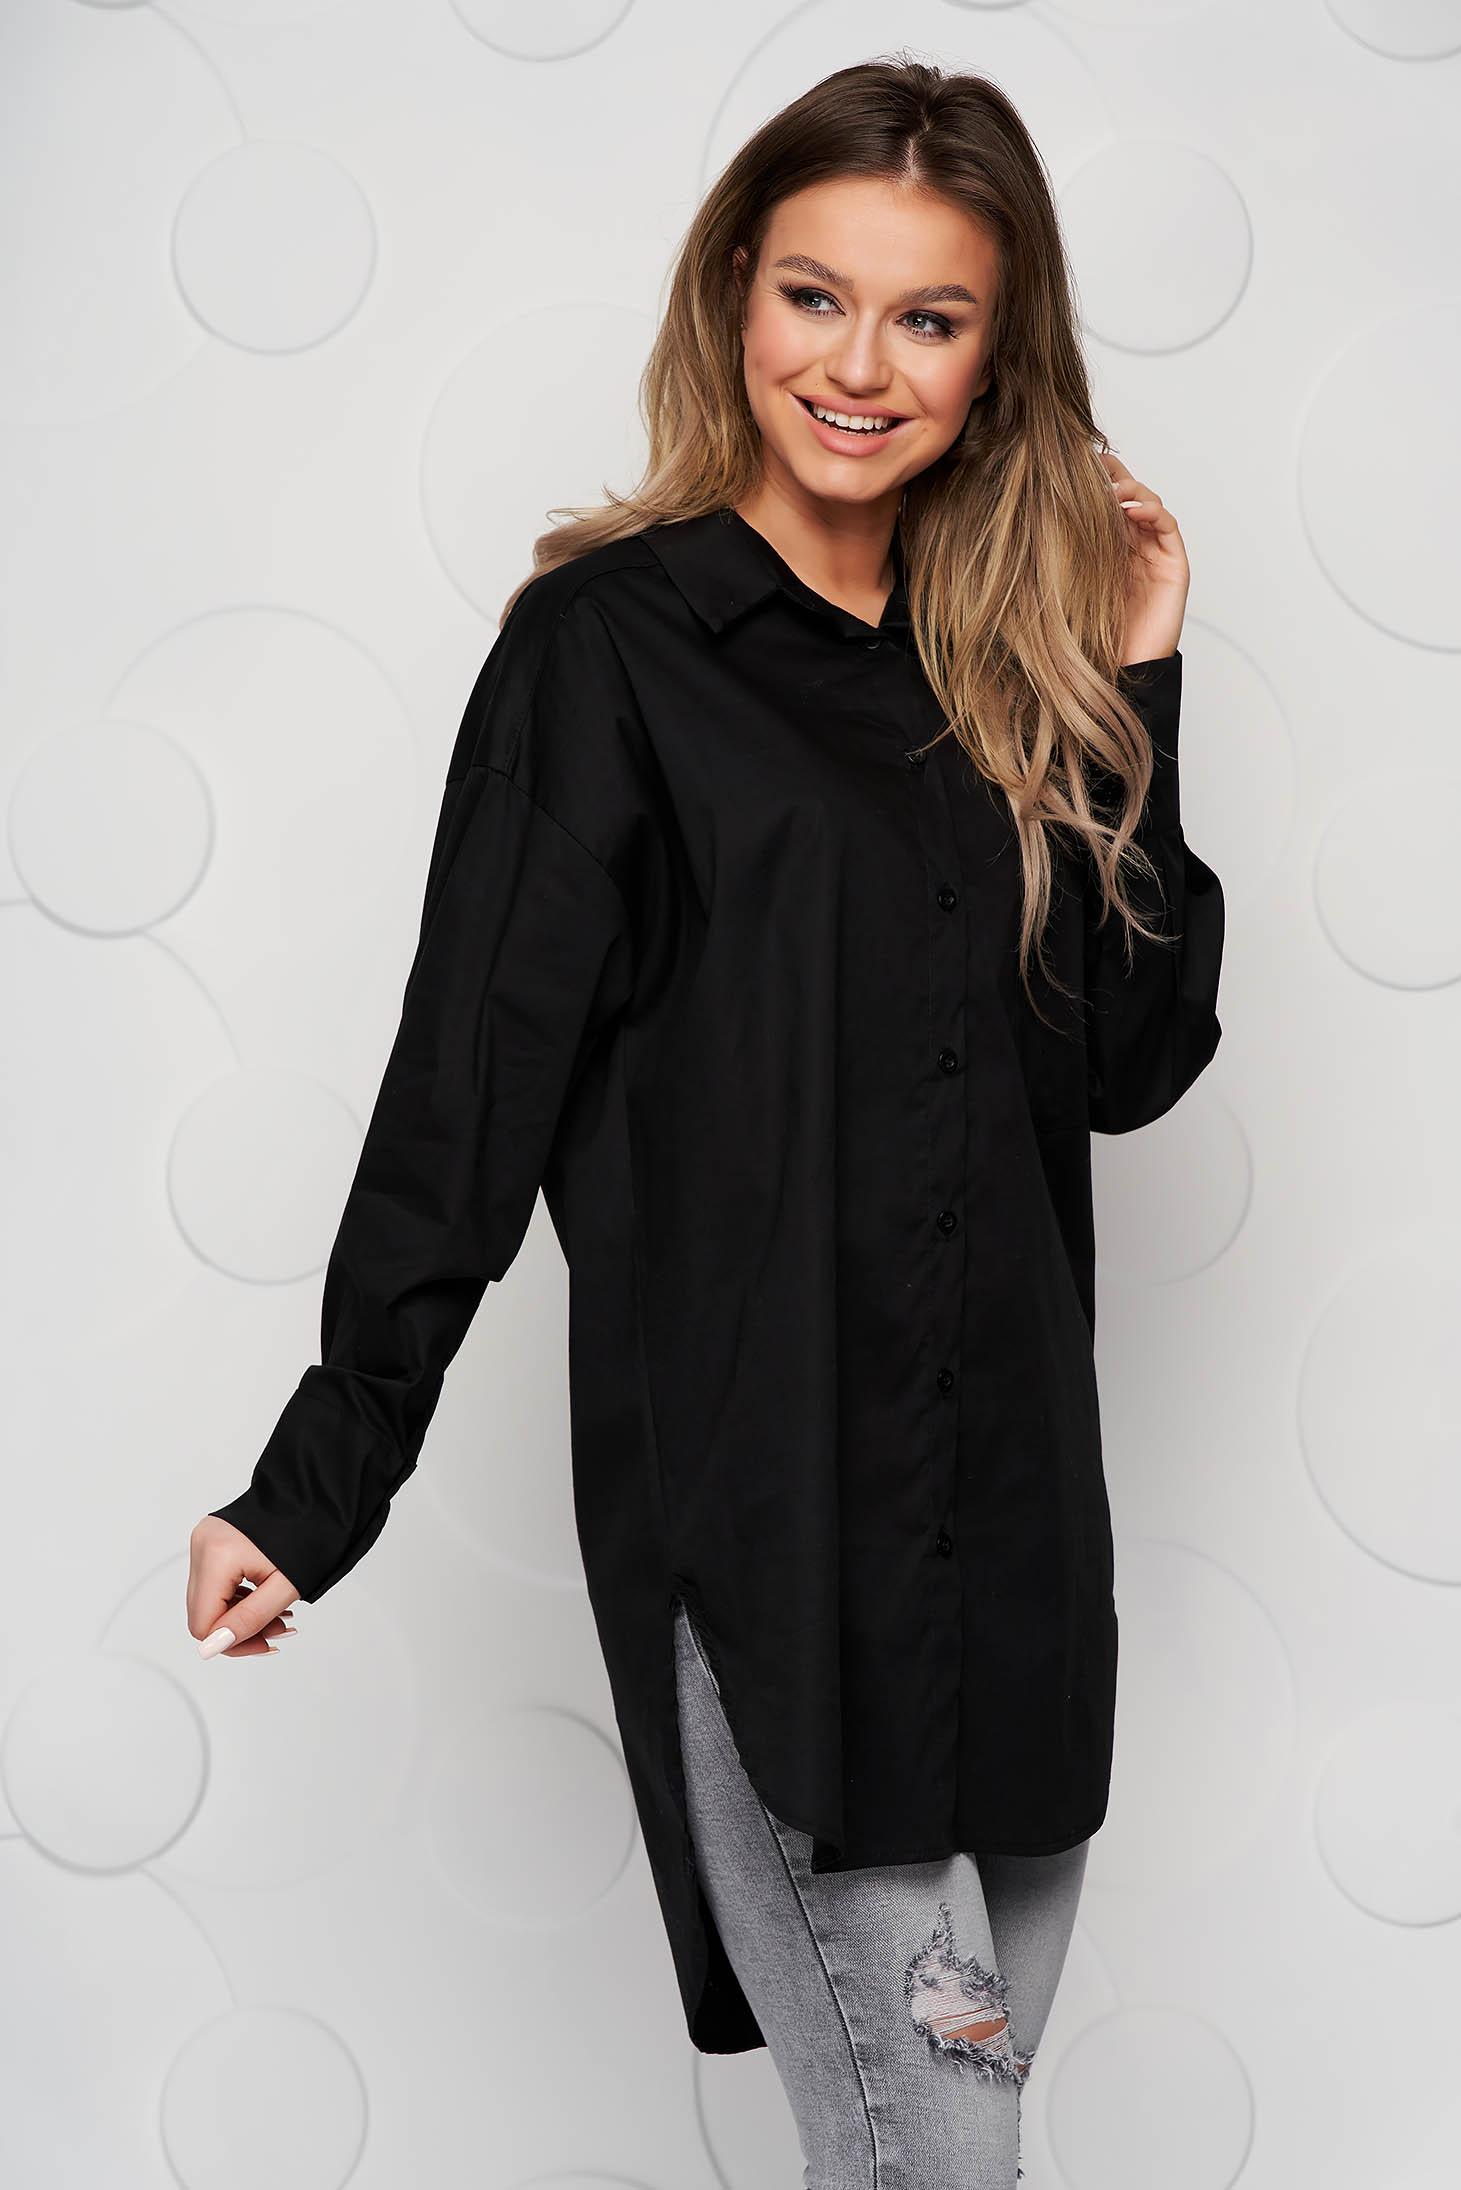 Fekete női ing bő szabású aszimetrikus oldalt felsliccelt vékony szövetből